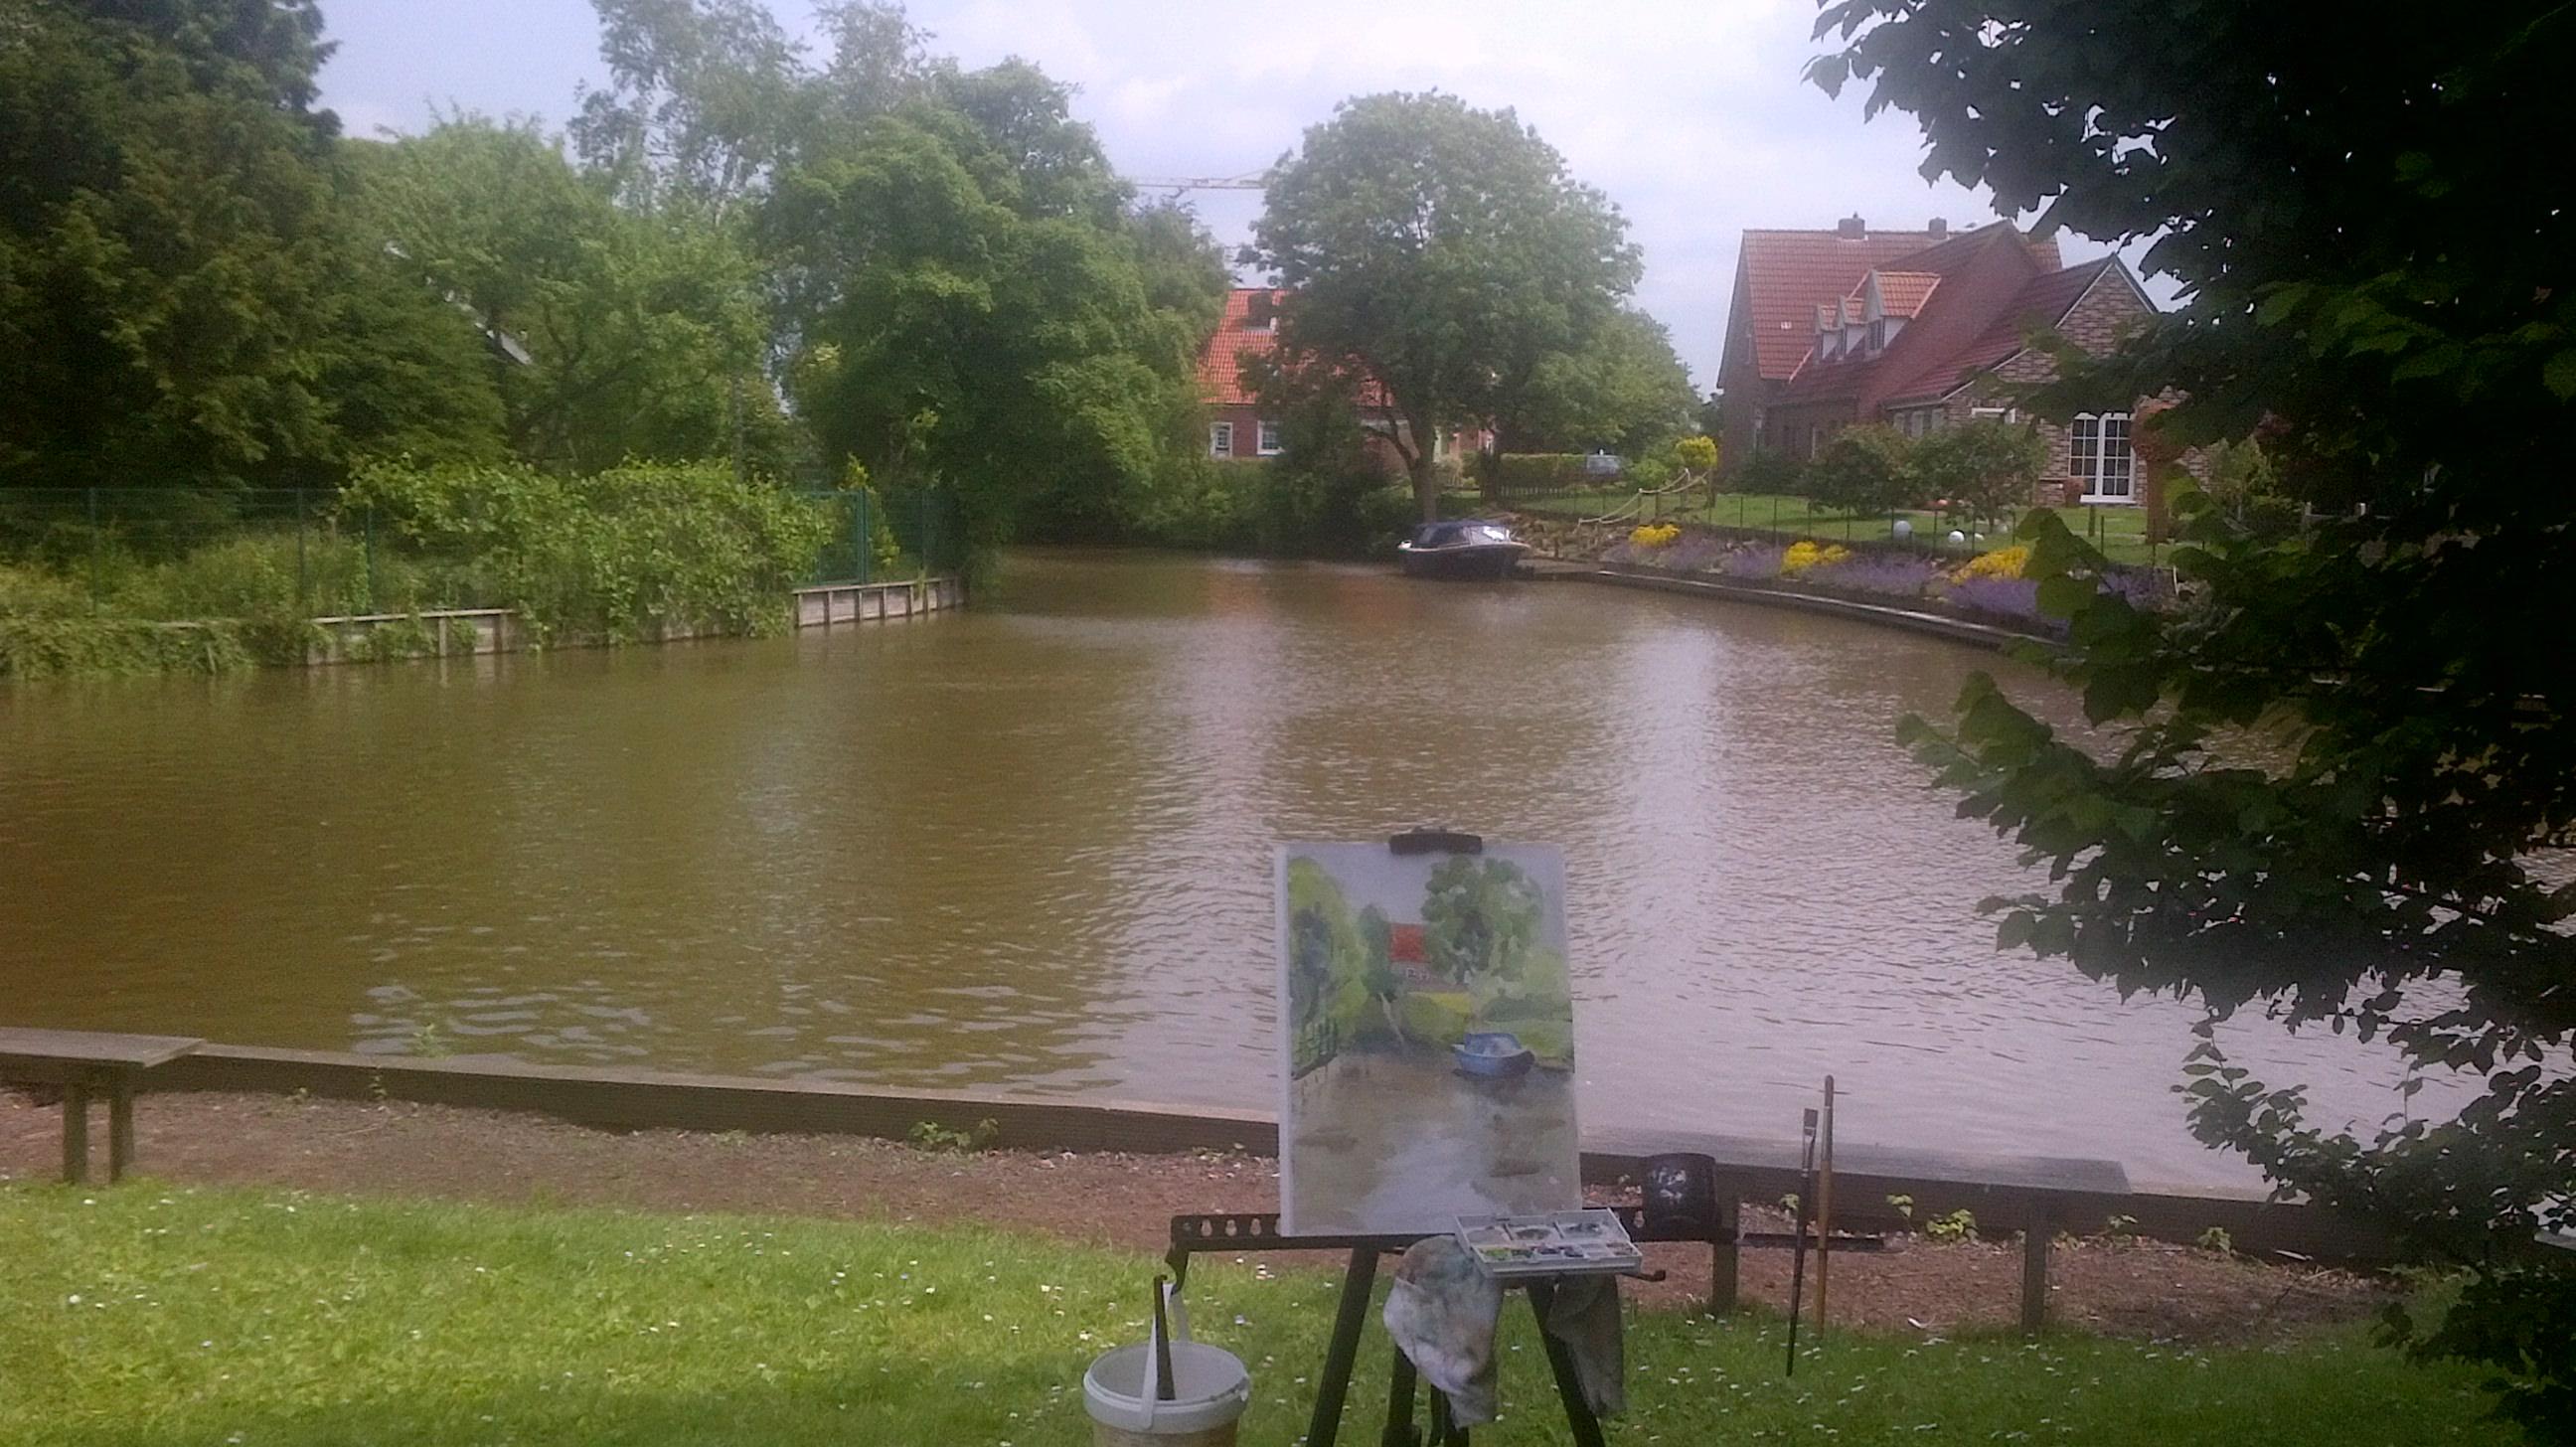 Mein erstes Mal en plein air in der Öffentlichkeit!/ My first time painting en plein air